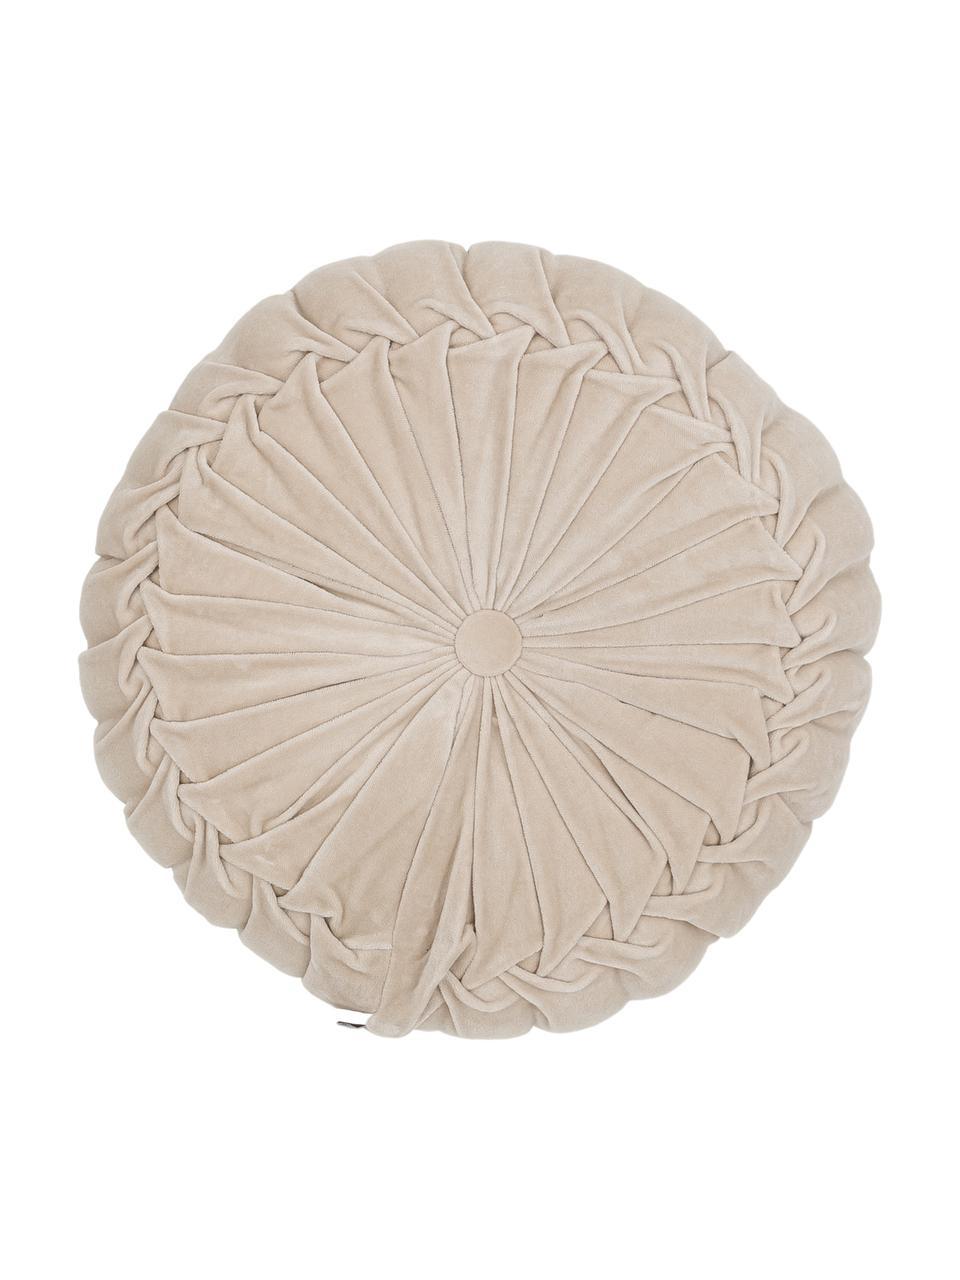 Rundes Samt-Kissen Kanan mit Raffungen, mit Inlett, Hellbeige, Ø 40 cm